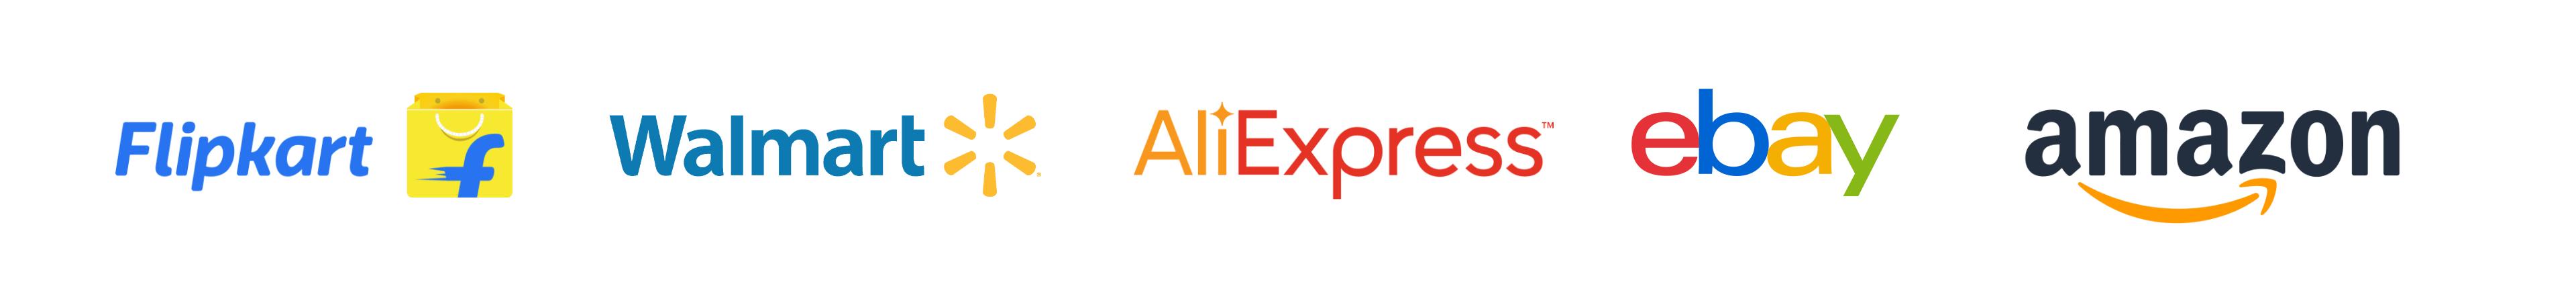 Major e-commerce players logo